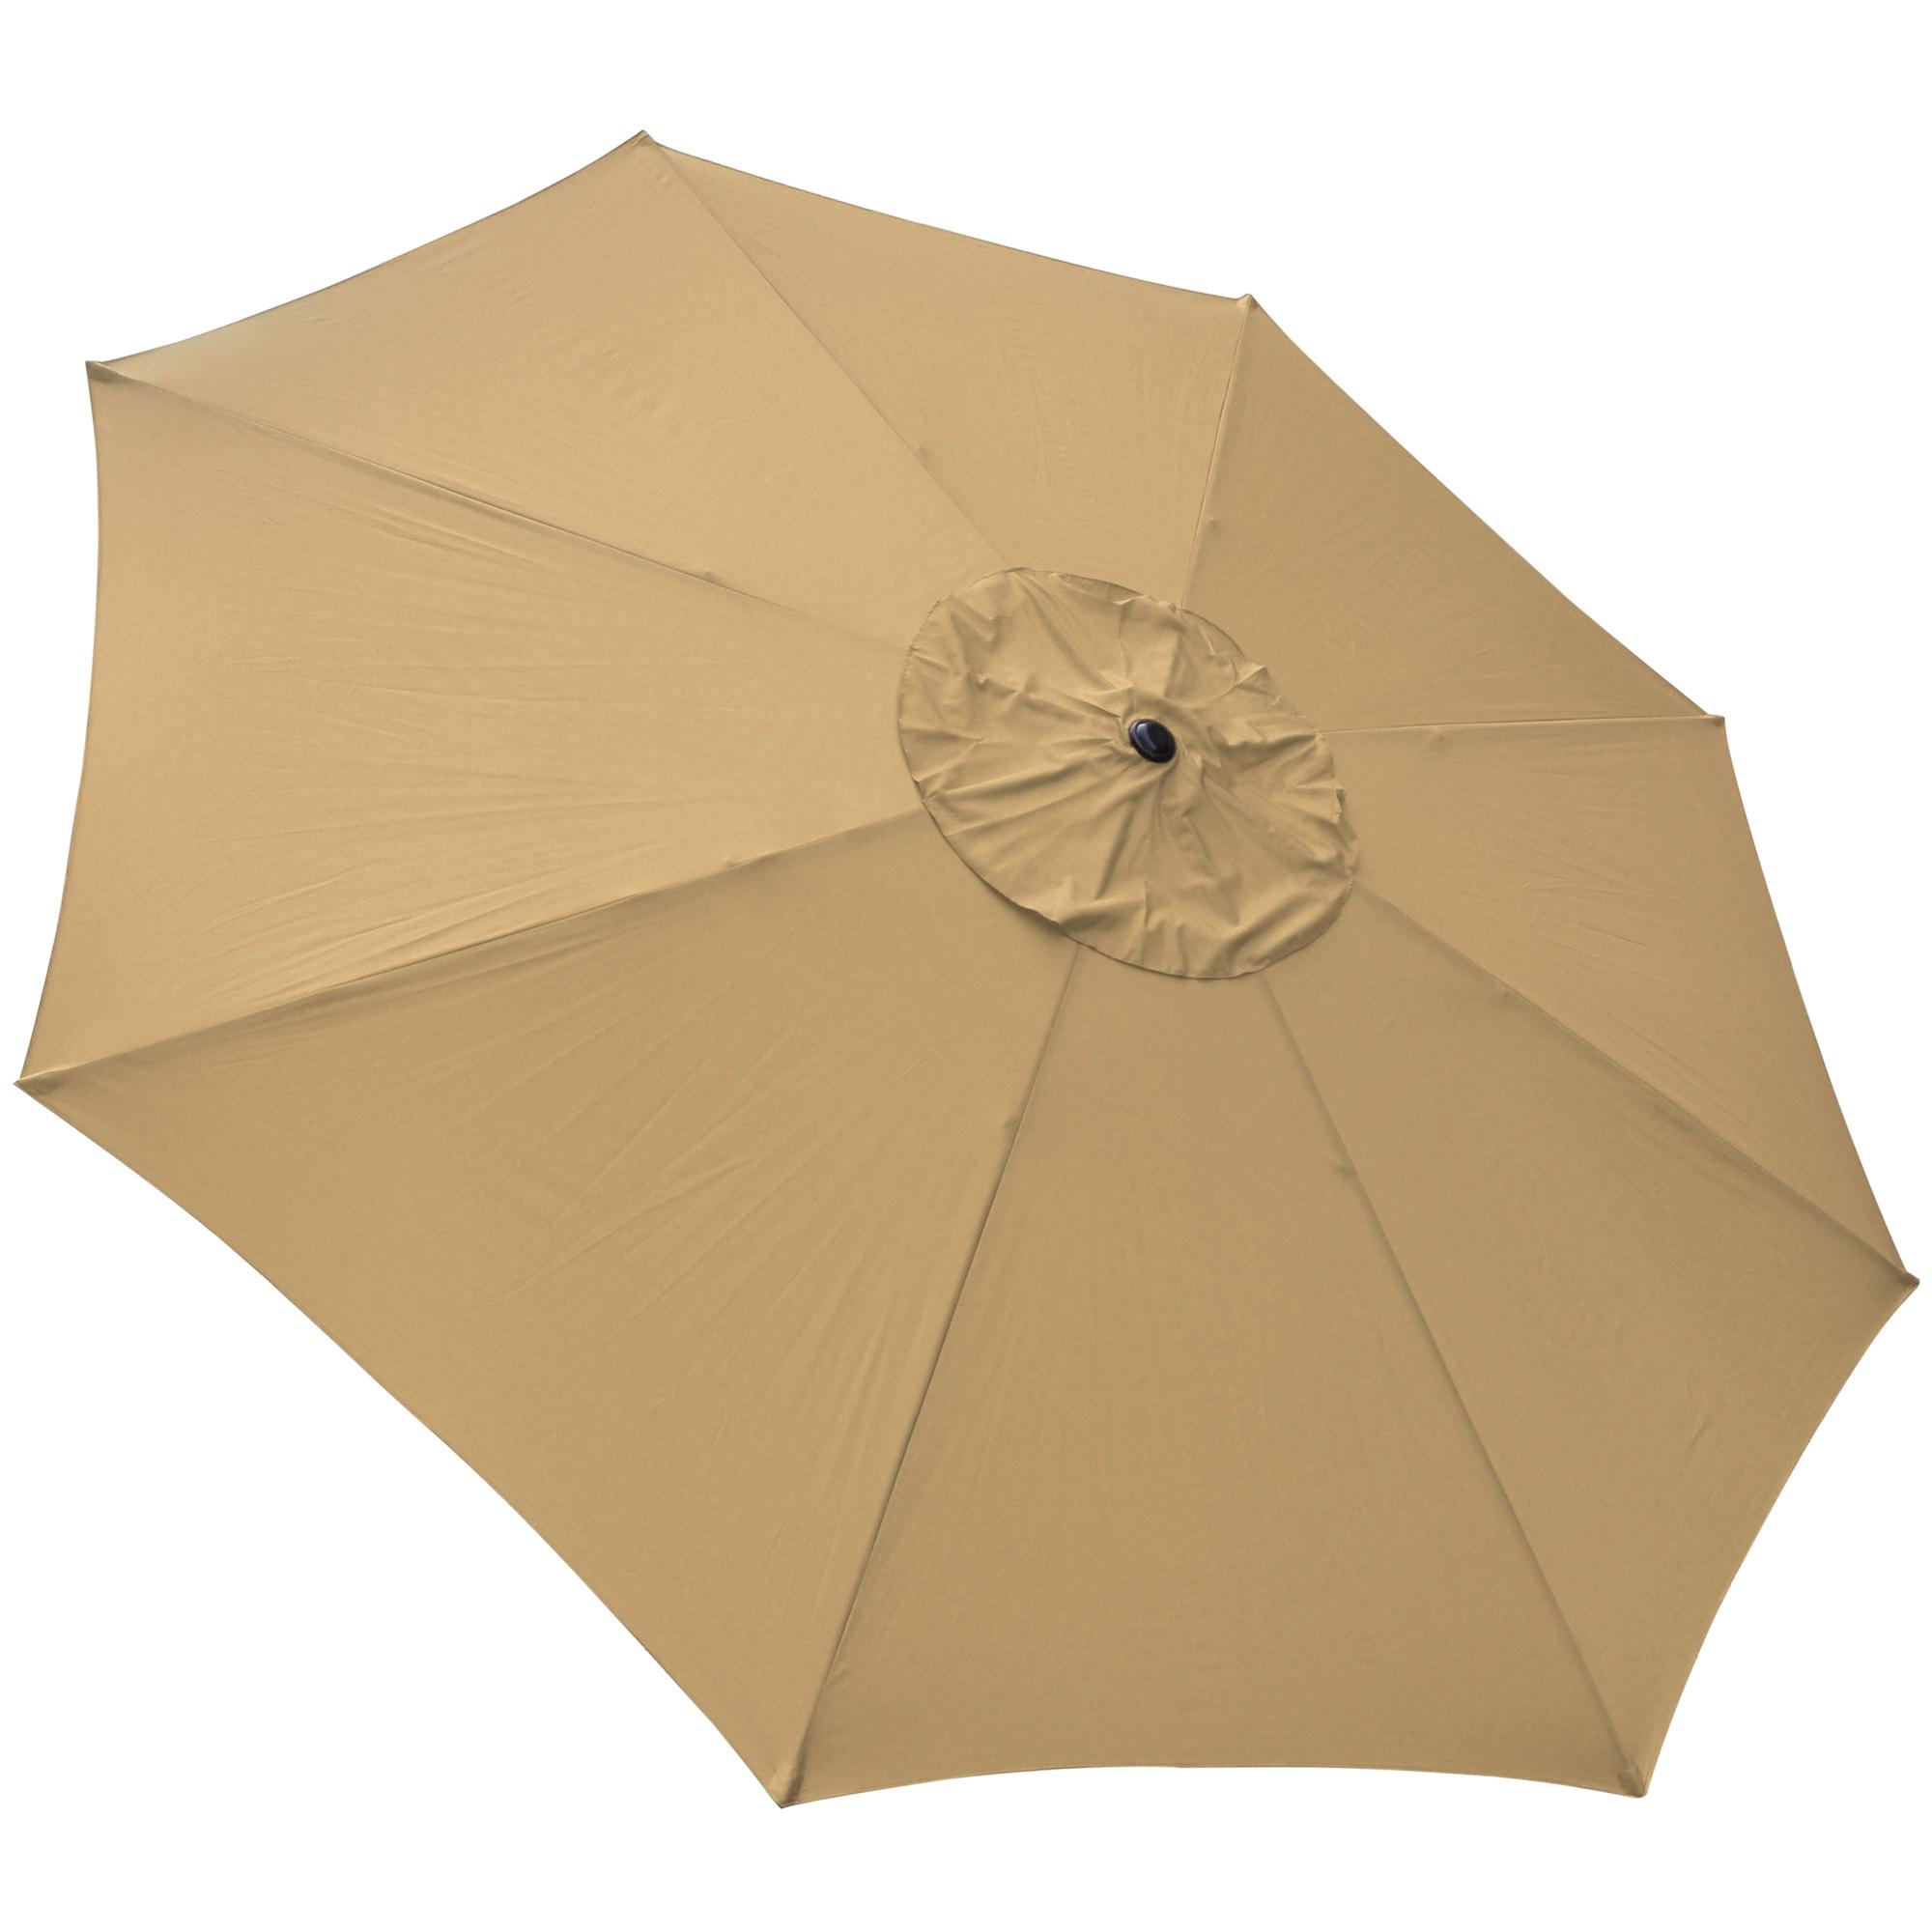 thumbnail 69 - 13' FT Sun Shade Patio Aluminum Umbrella UV30+ Outdoor Market Garden Beach Deck